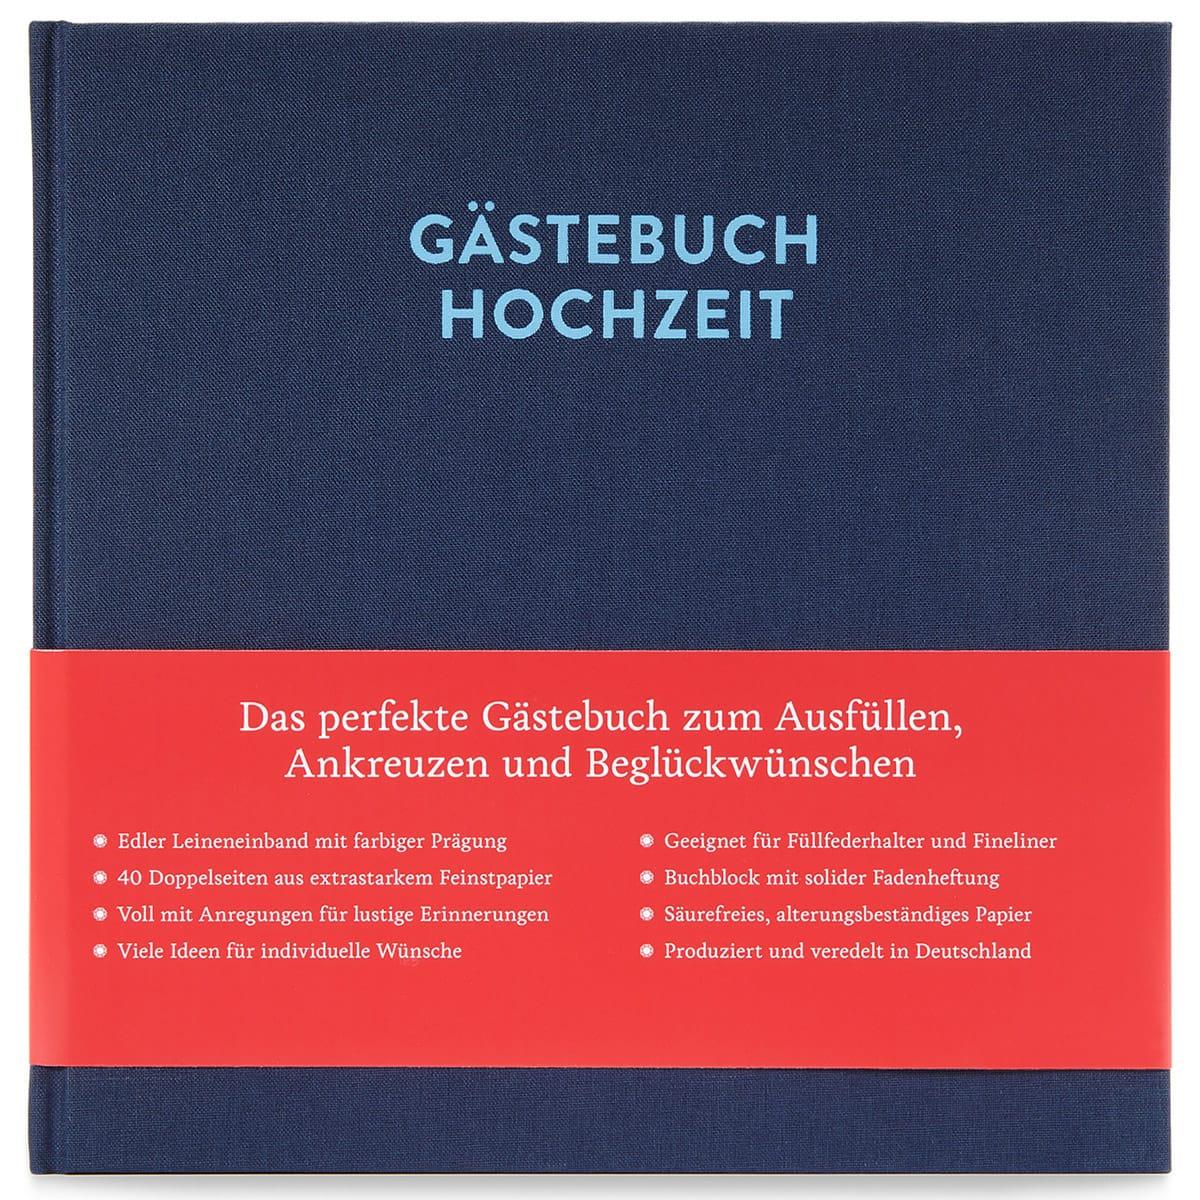 Lustig gästebuch hochzeit Eintrag Gästebuch